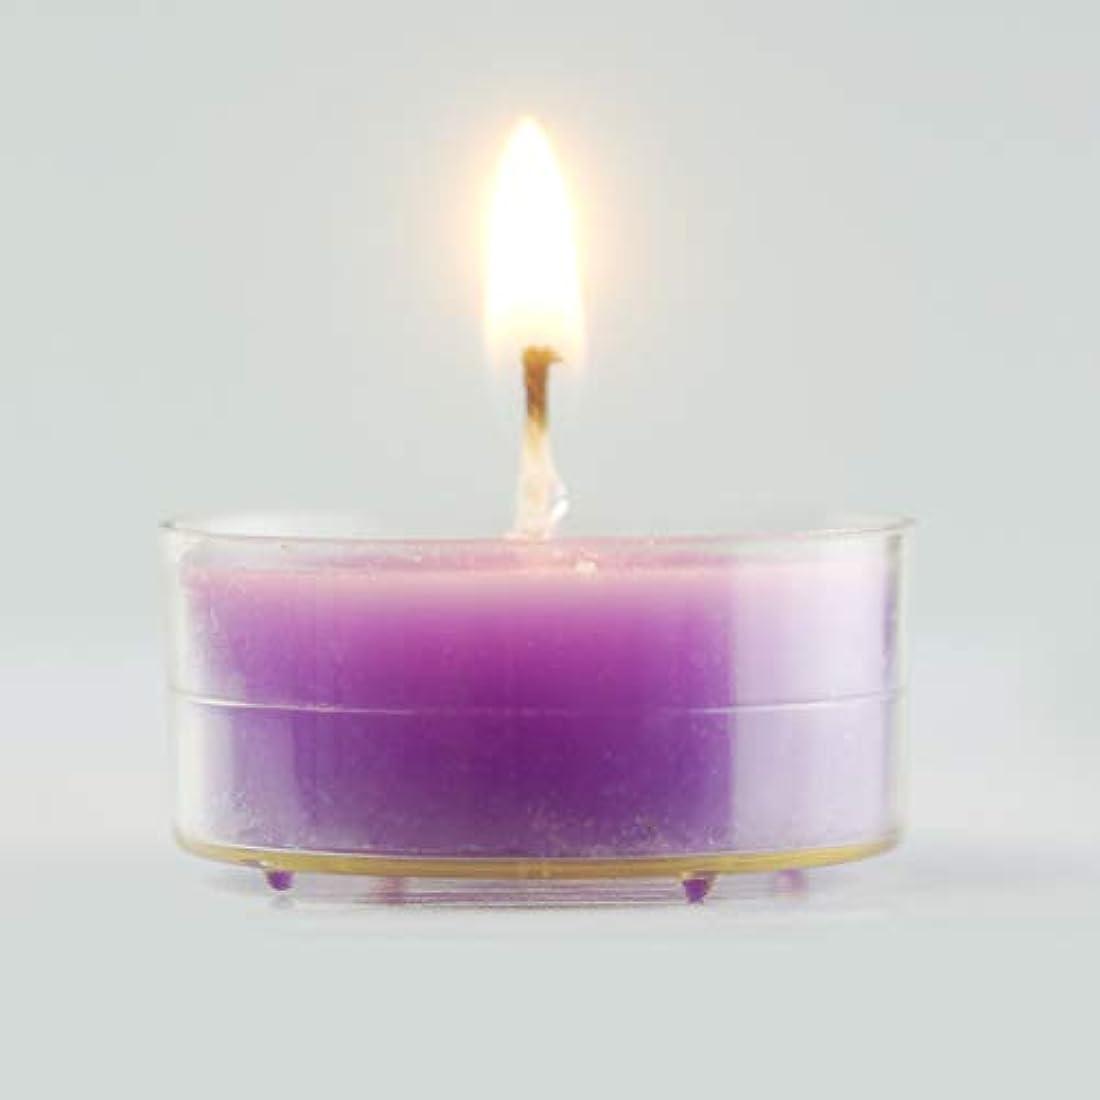 タイルクアッガおなかがすいた環境に優しいキャンドル きれいな無煙大豆ワックス色味茶ワックス48ピース4時間燃える時間白いキャンドルライト用家の装飾、クリスマス休暇、結婚披露宴の装飾 実用的な無煙キャンドル (Color : Purple)